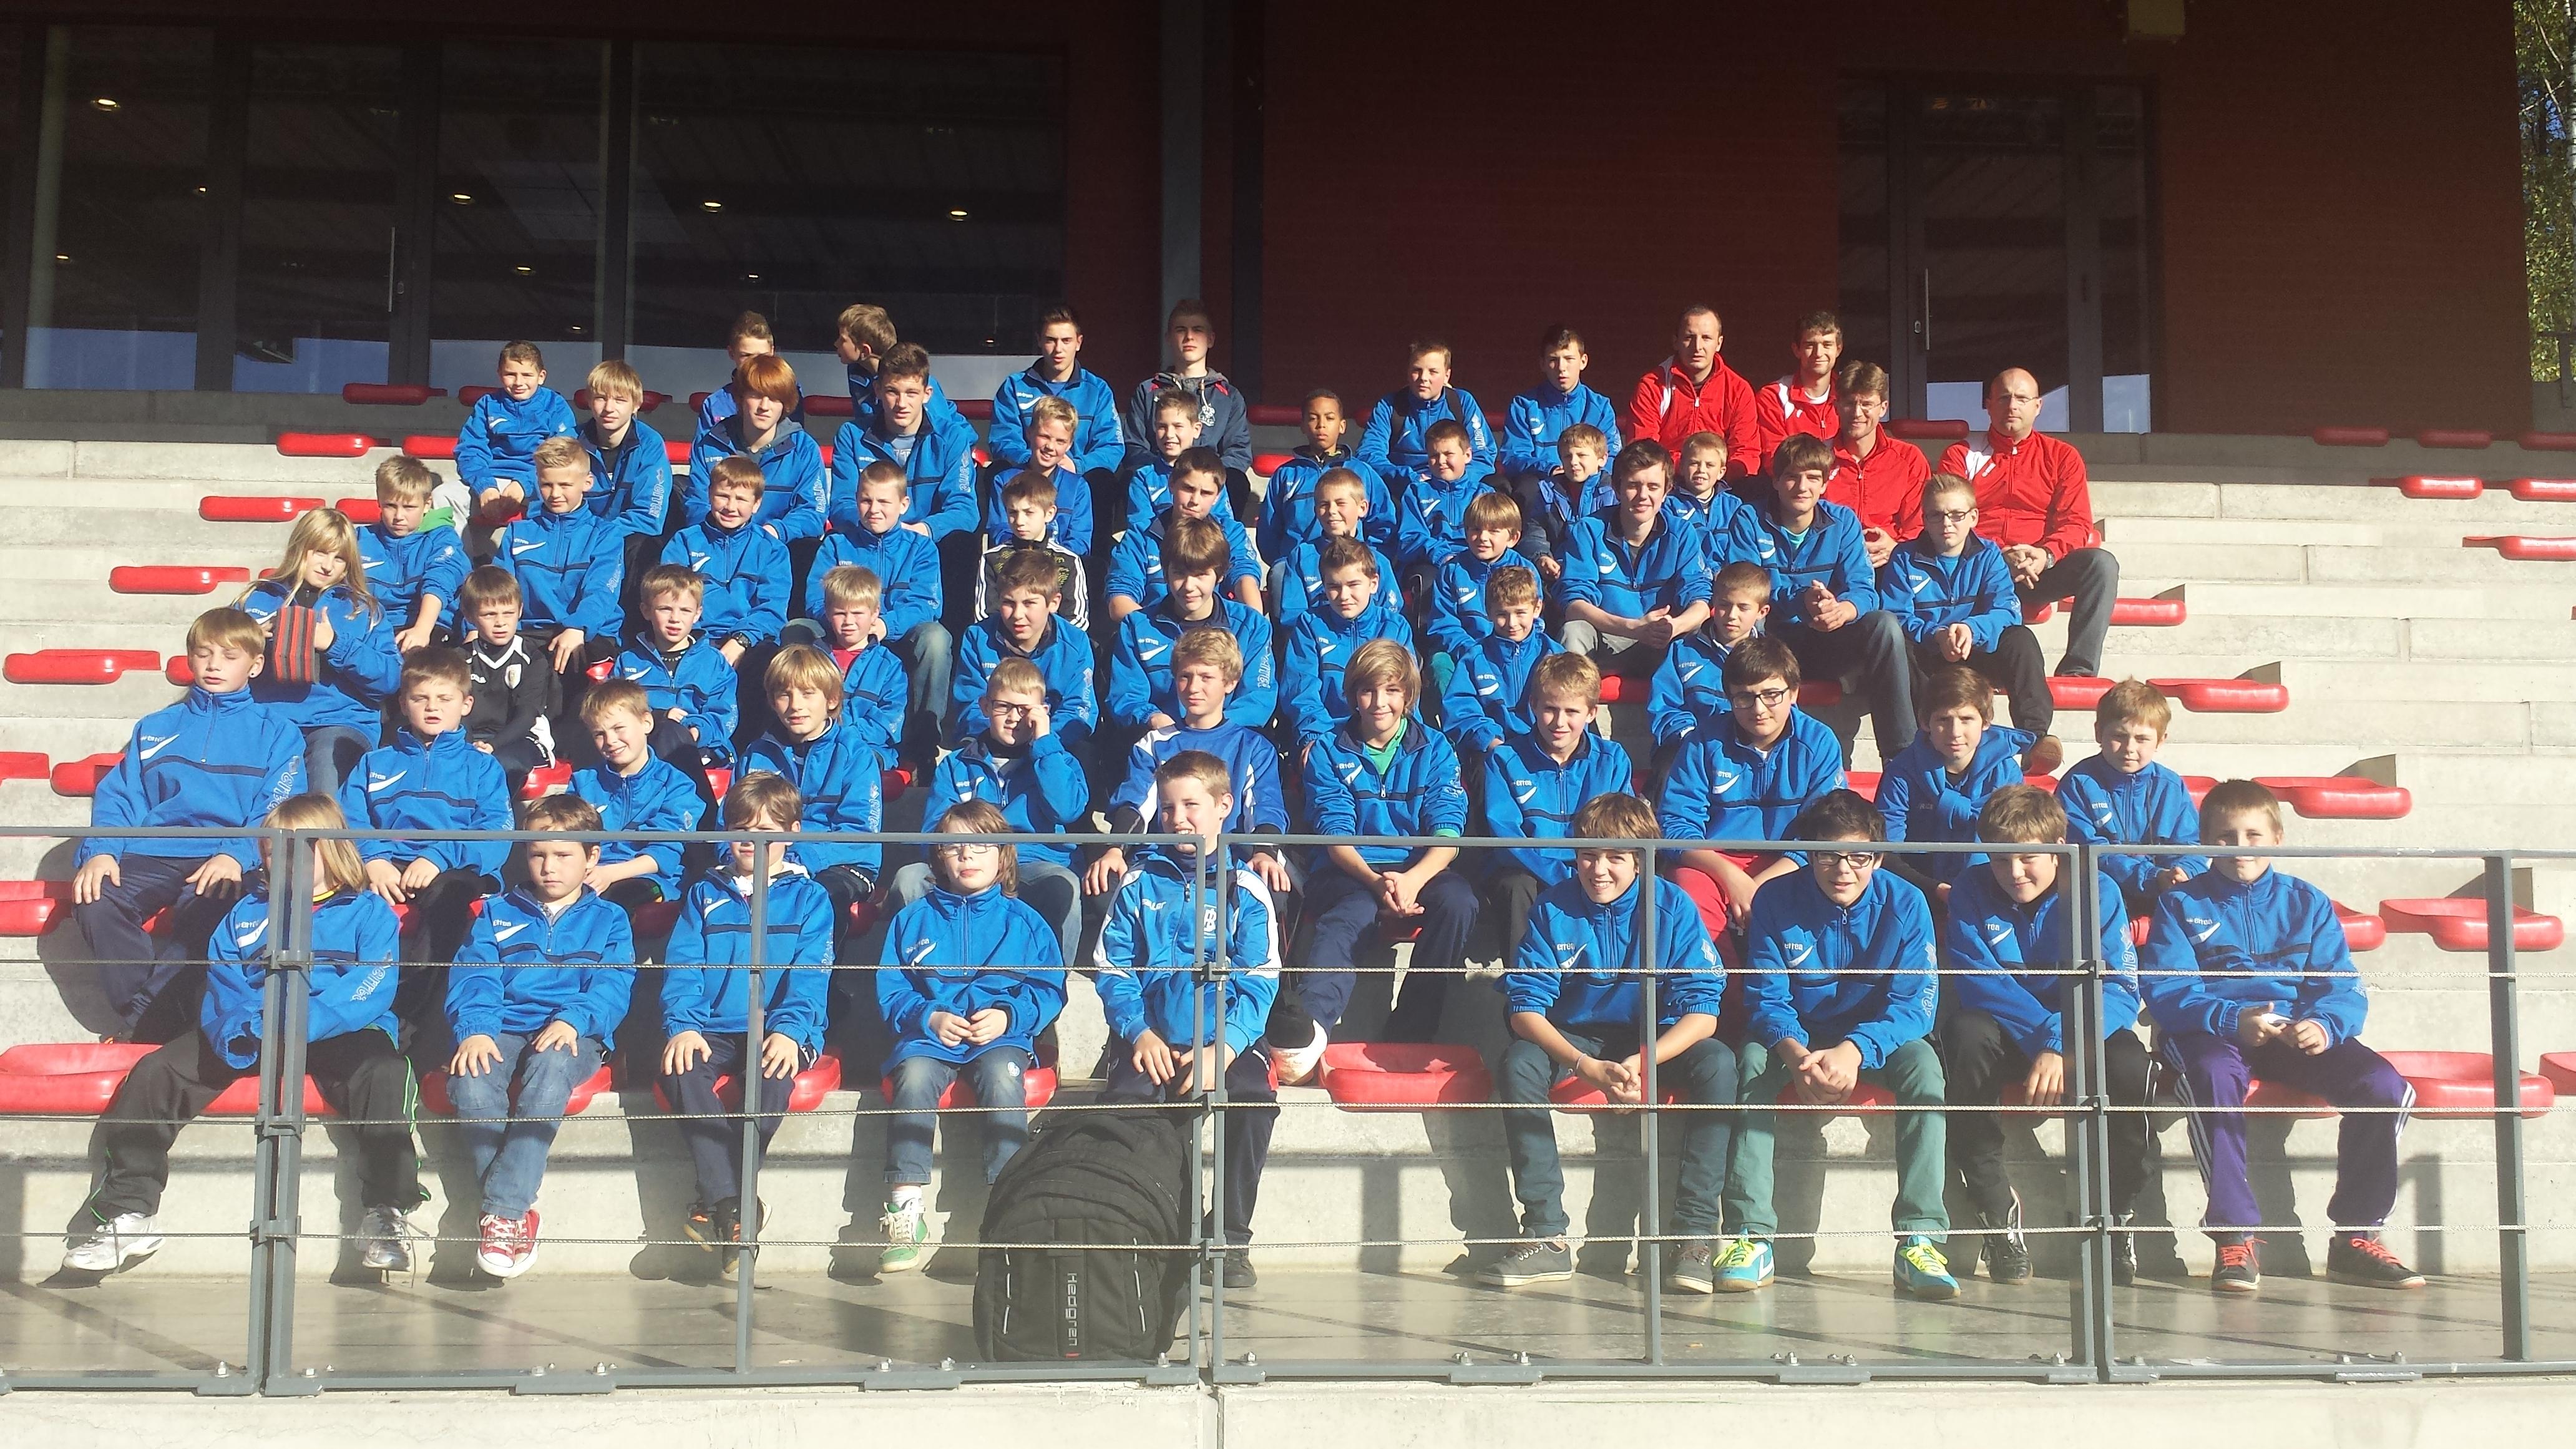 Het Laatste Nieuws: 'Jonge doelmannen op bezoek bij voetbalclub Standard Luik'